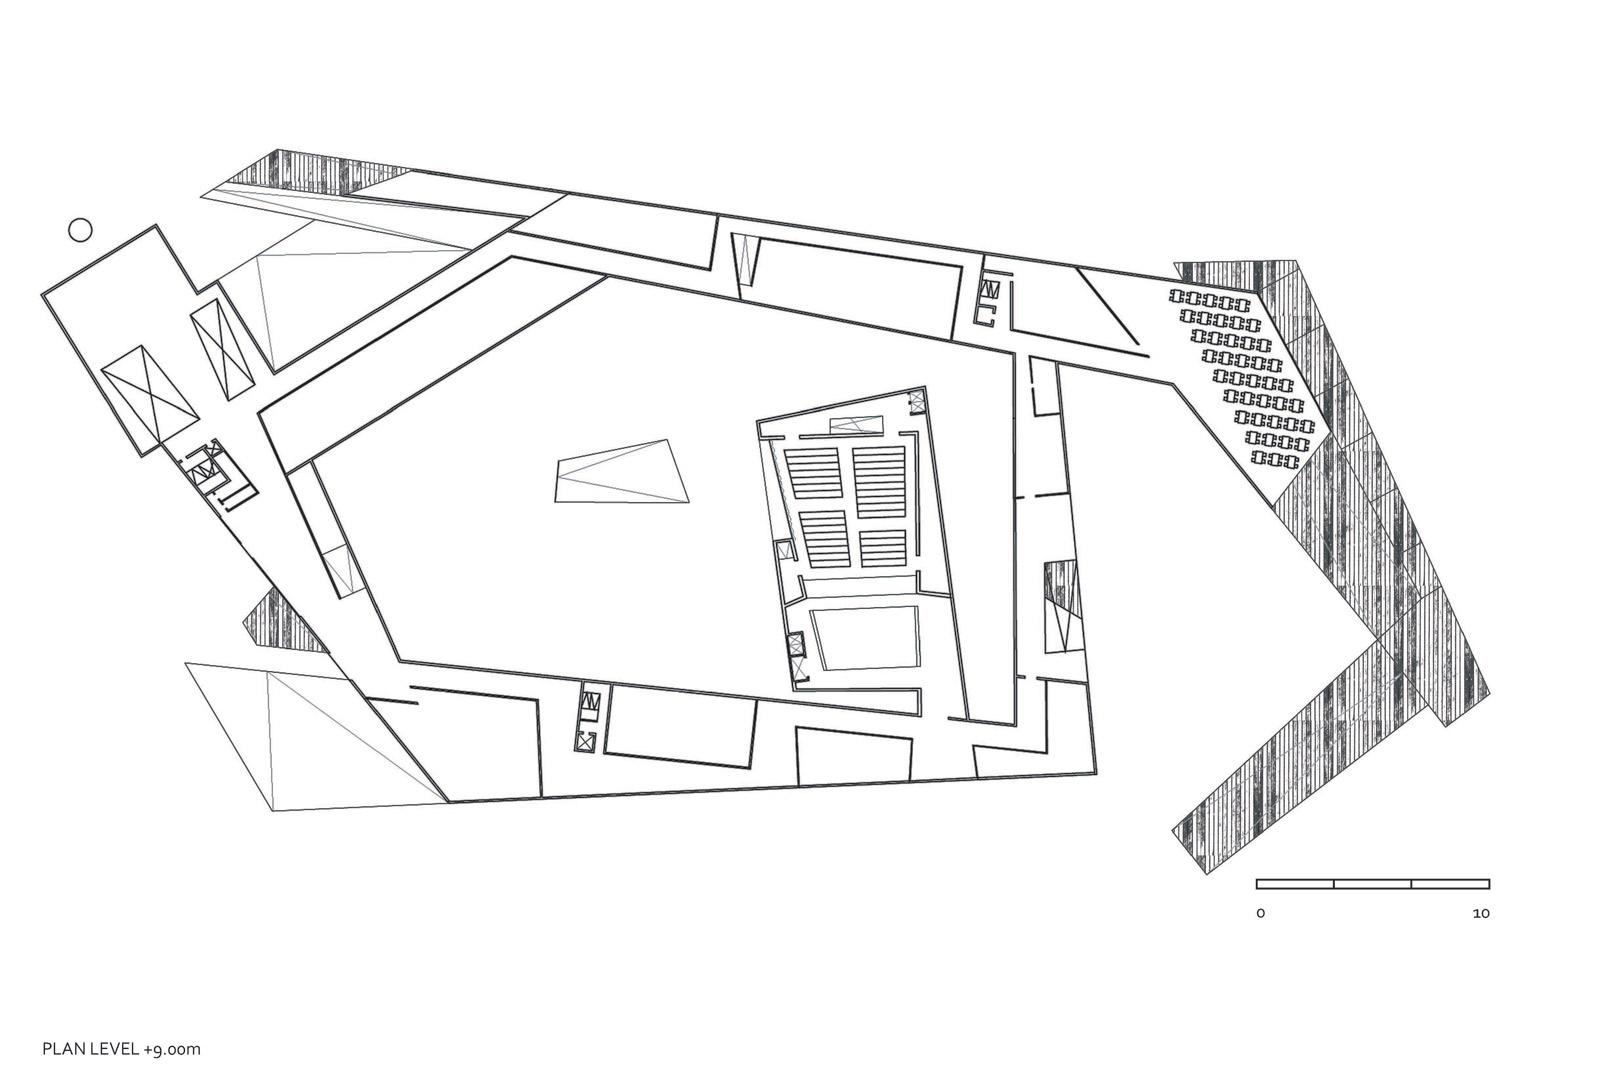 Europan7-5_plan-+9m.jpg